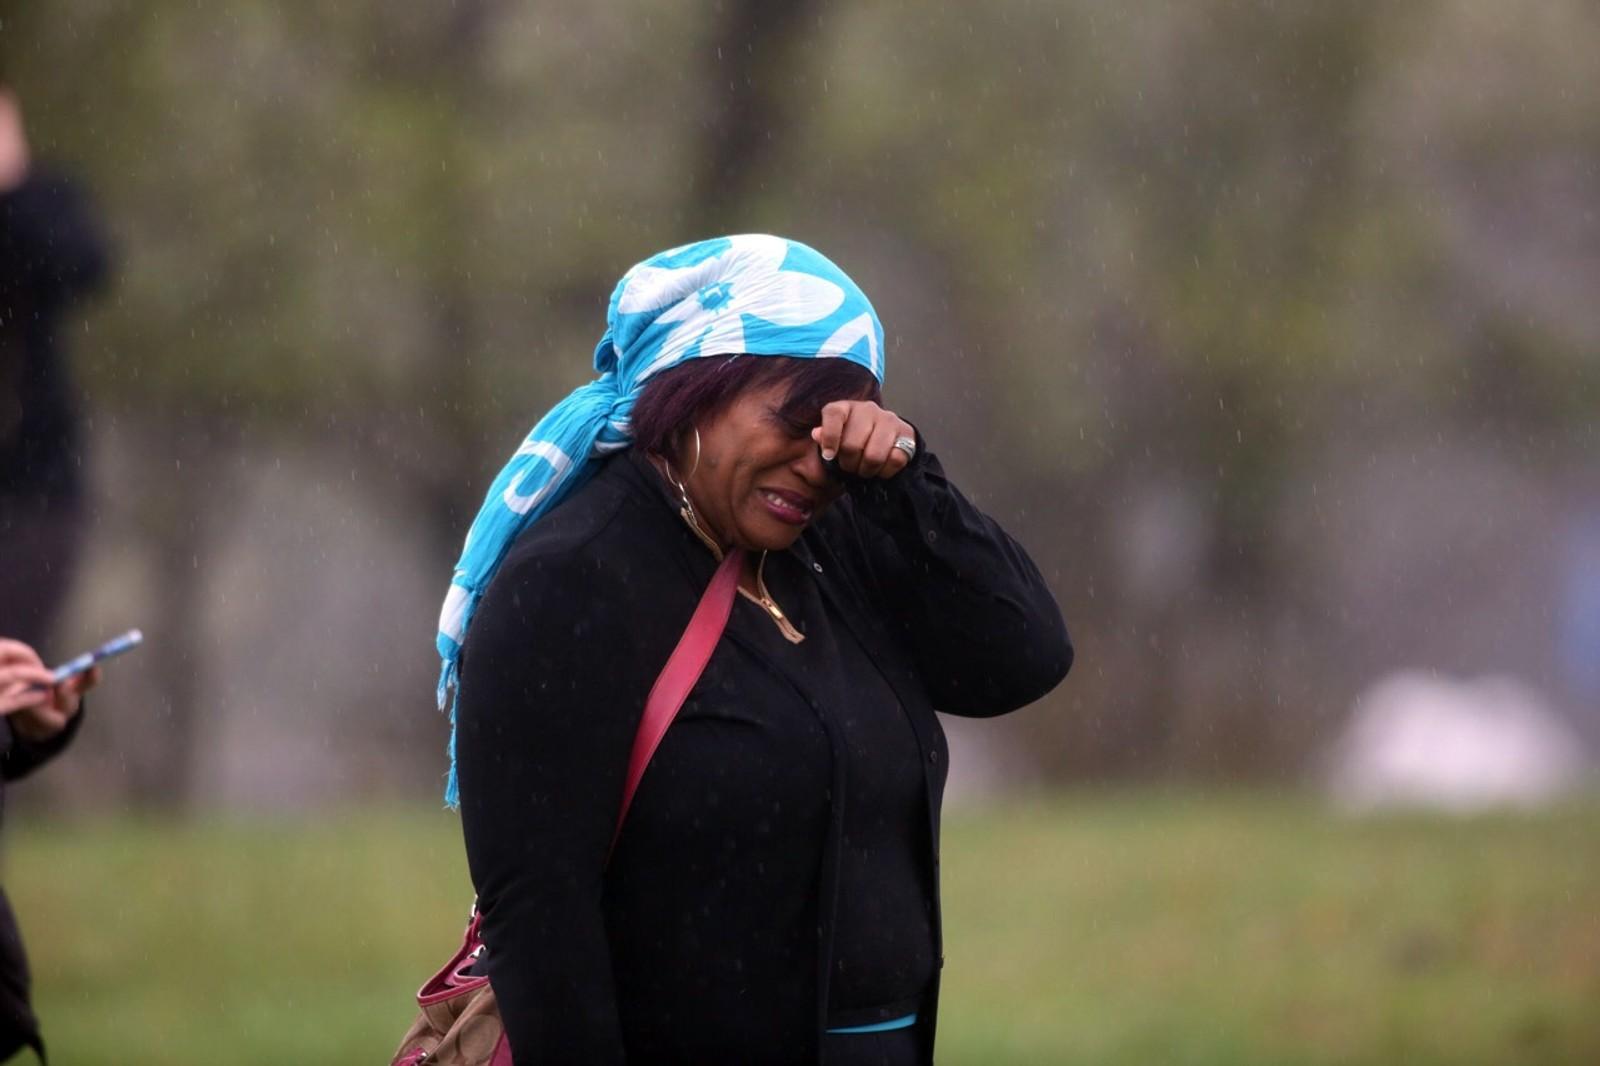 En kvinne gråter i Paisley Park. Hun har akkurat mottatt nyheten om artisten Prince's død. Prince er omtalt som et musikalsk geni.